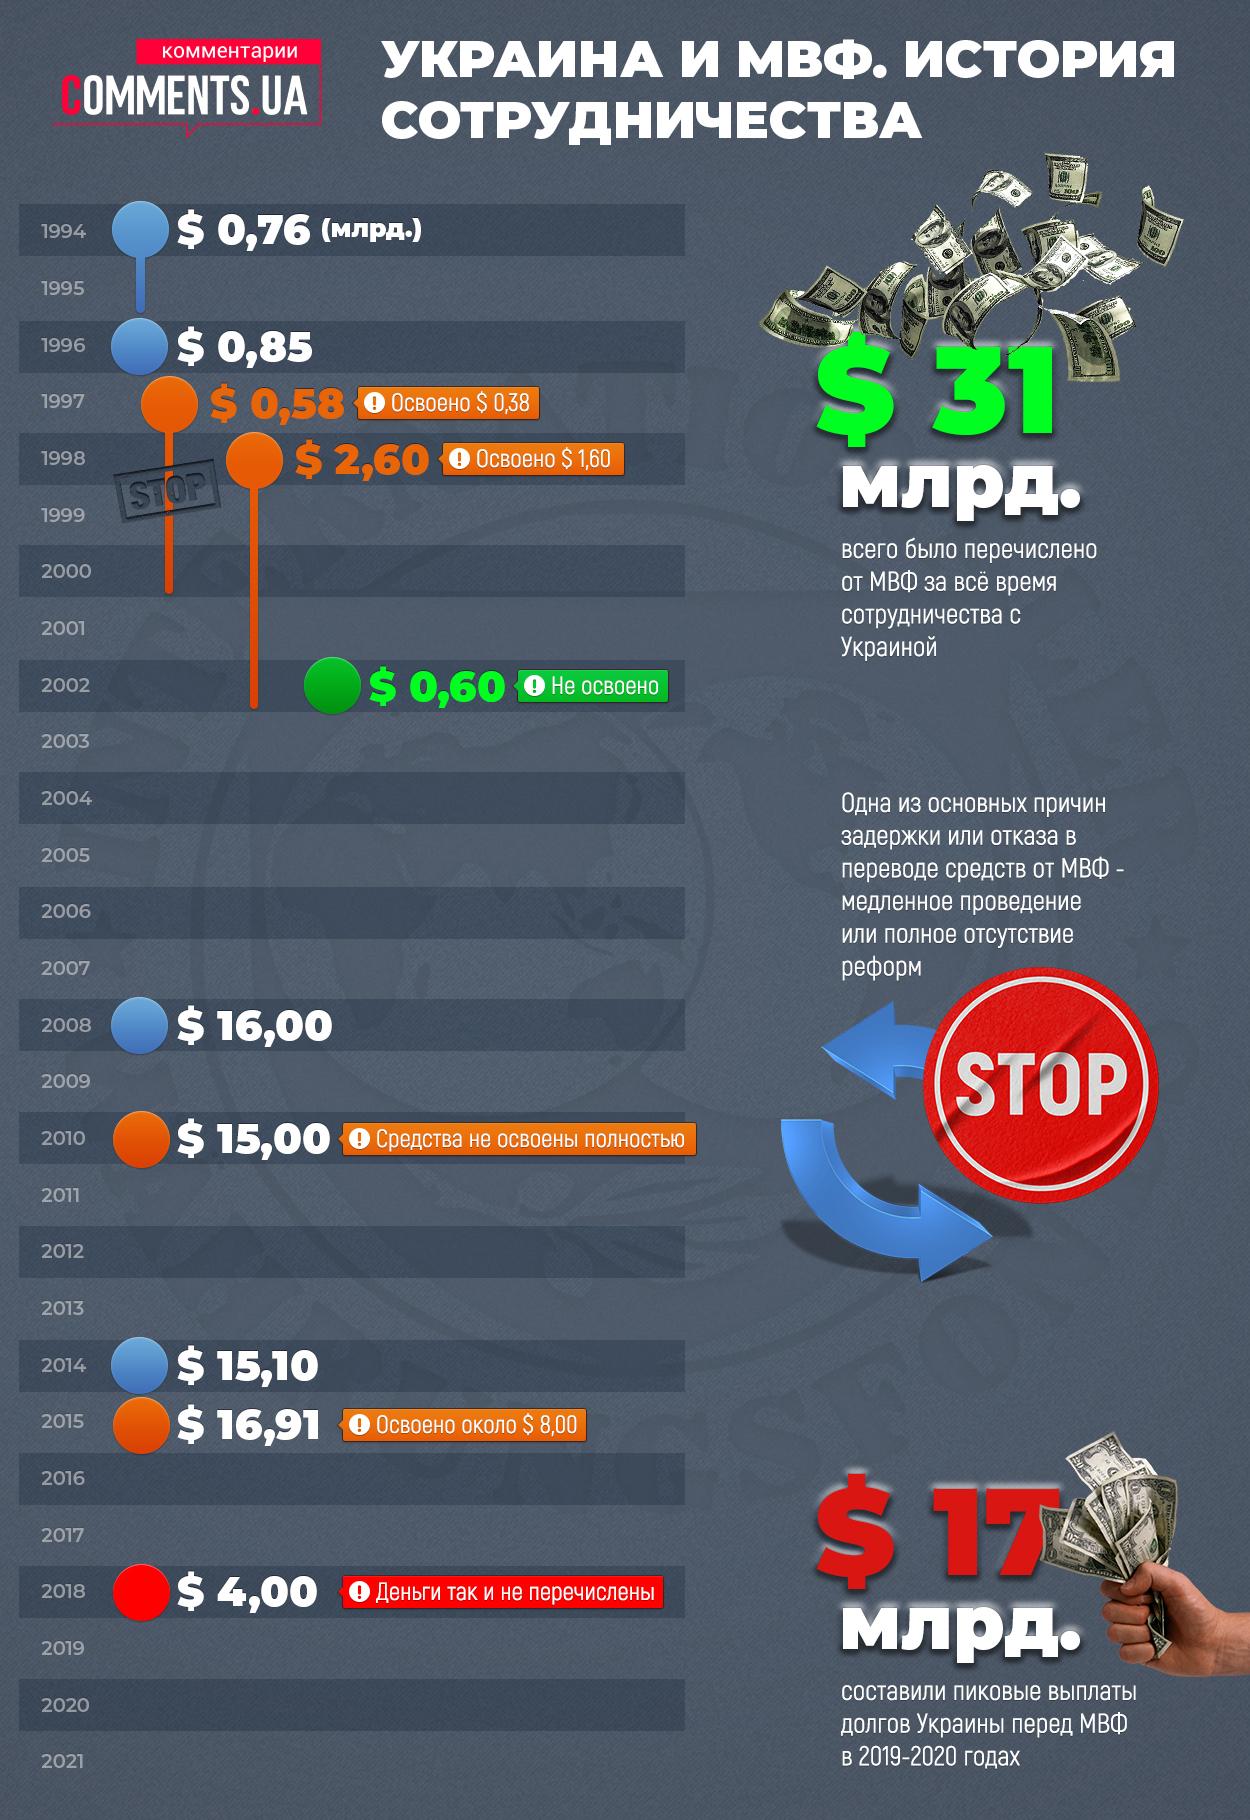 Сотрудничество Украины с МВФ: нужны ли нам кредиты - фото 2